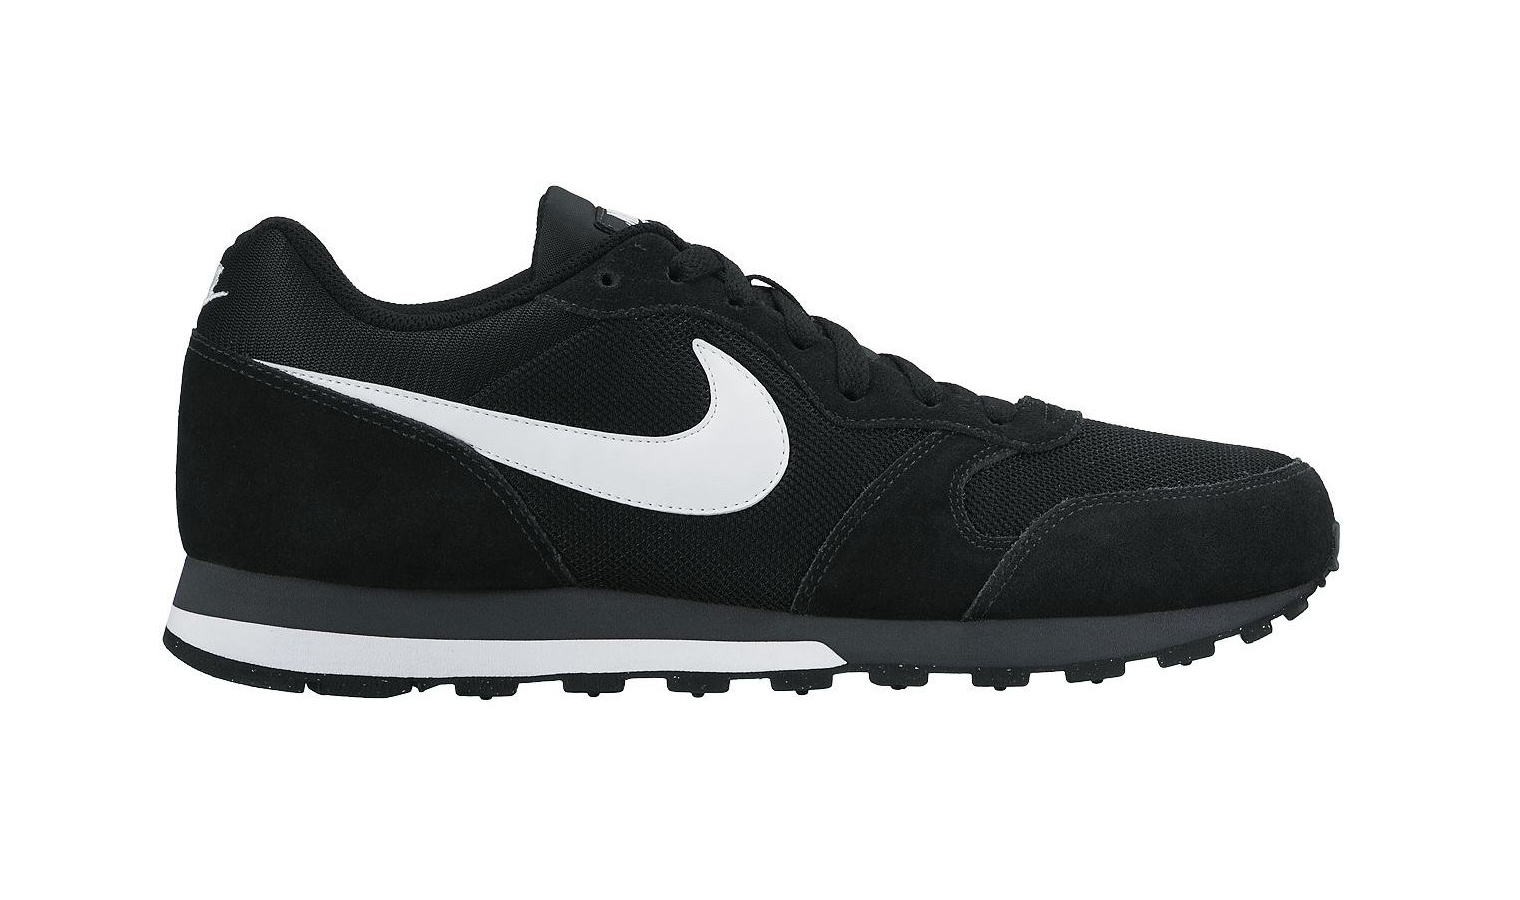 Pánske tenisky Nike MD RUNNER 2 čierne  200a0724ab7